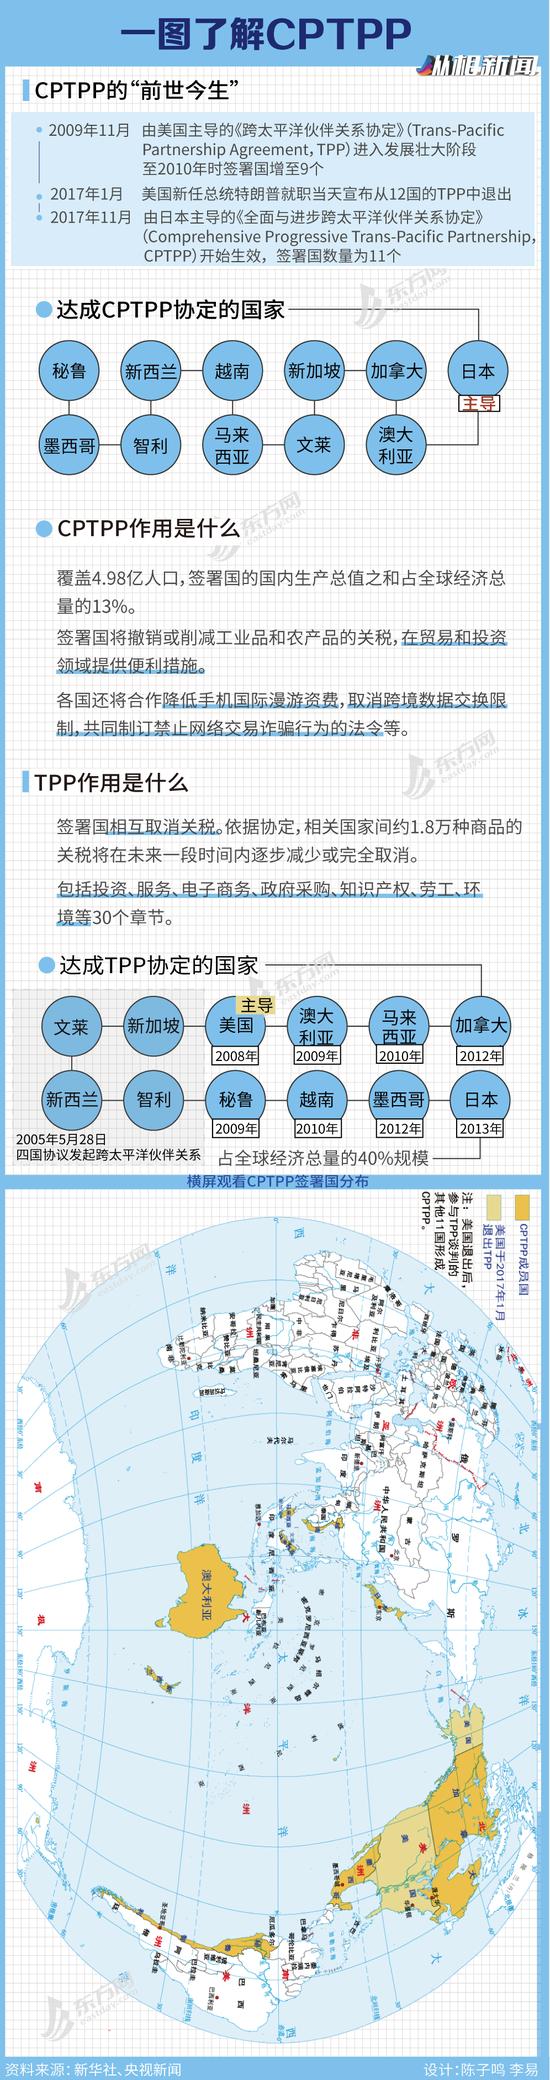 这个群,中国为什么要主动思索参加?(图2)